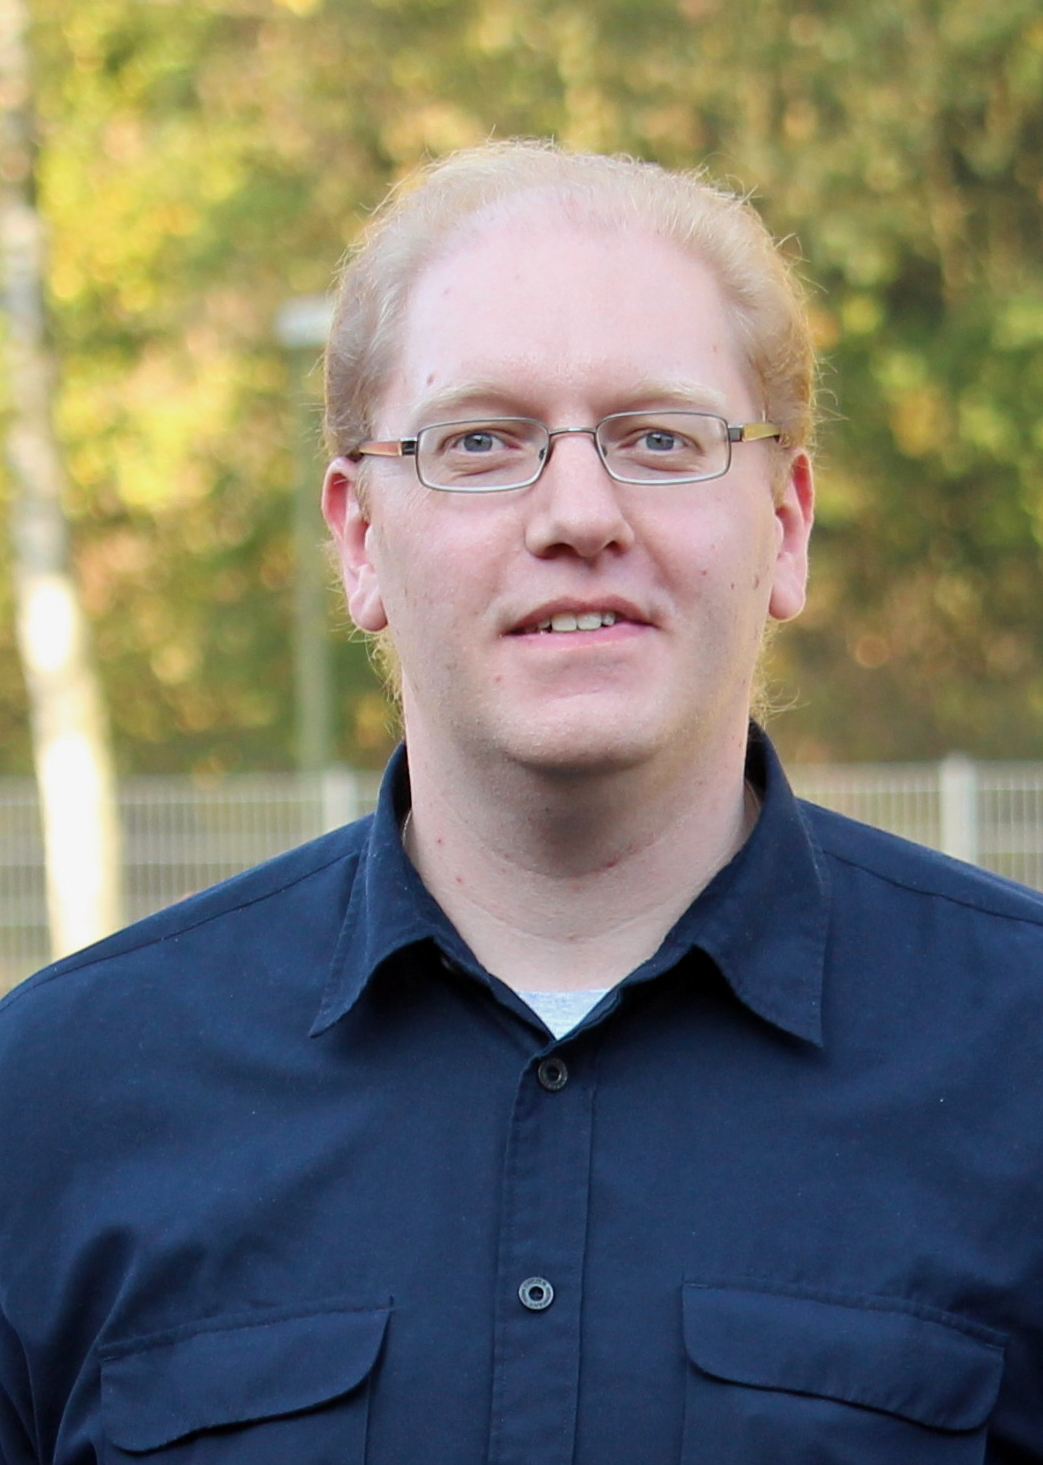 Michael Heitkemper